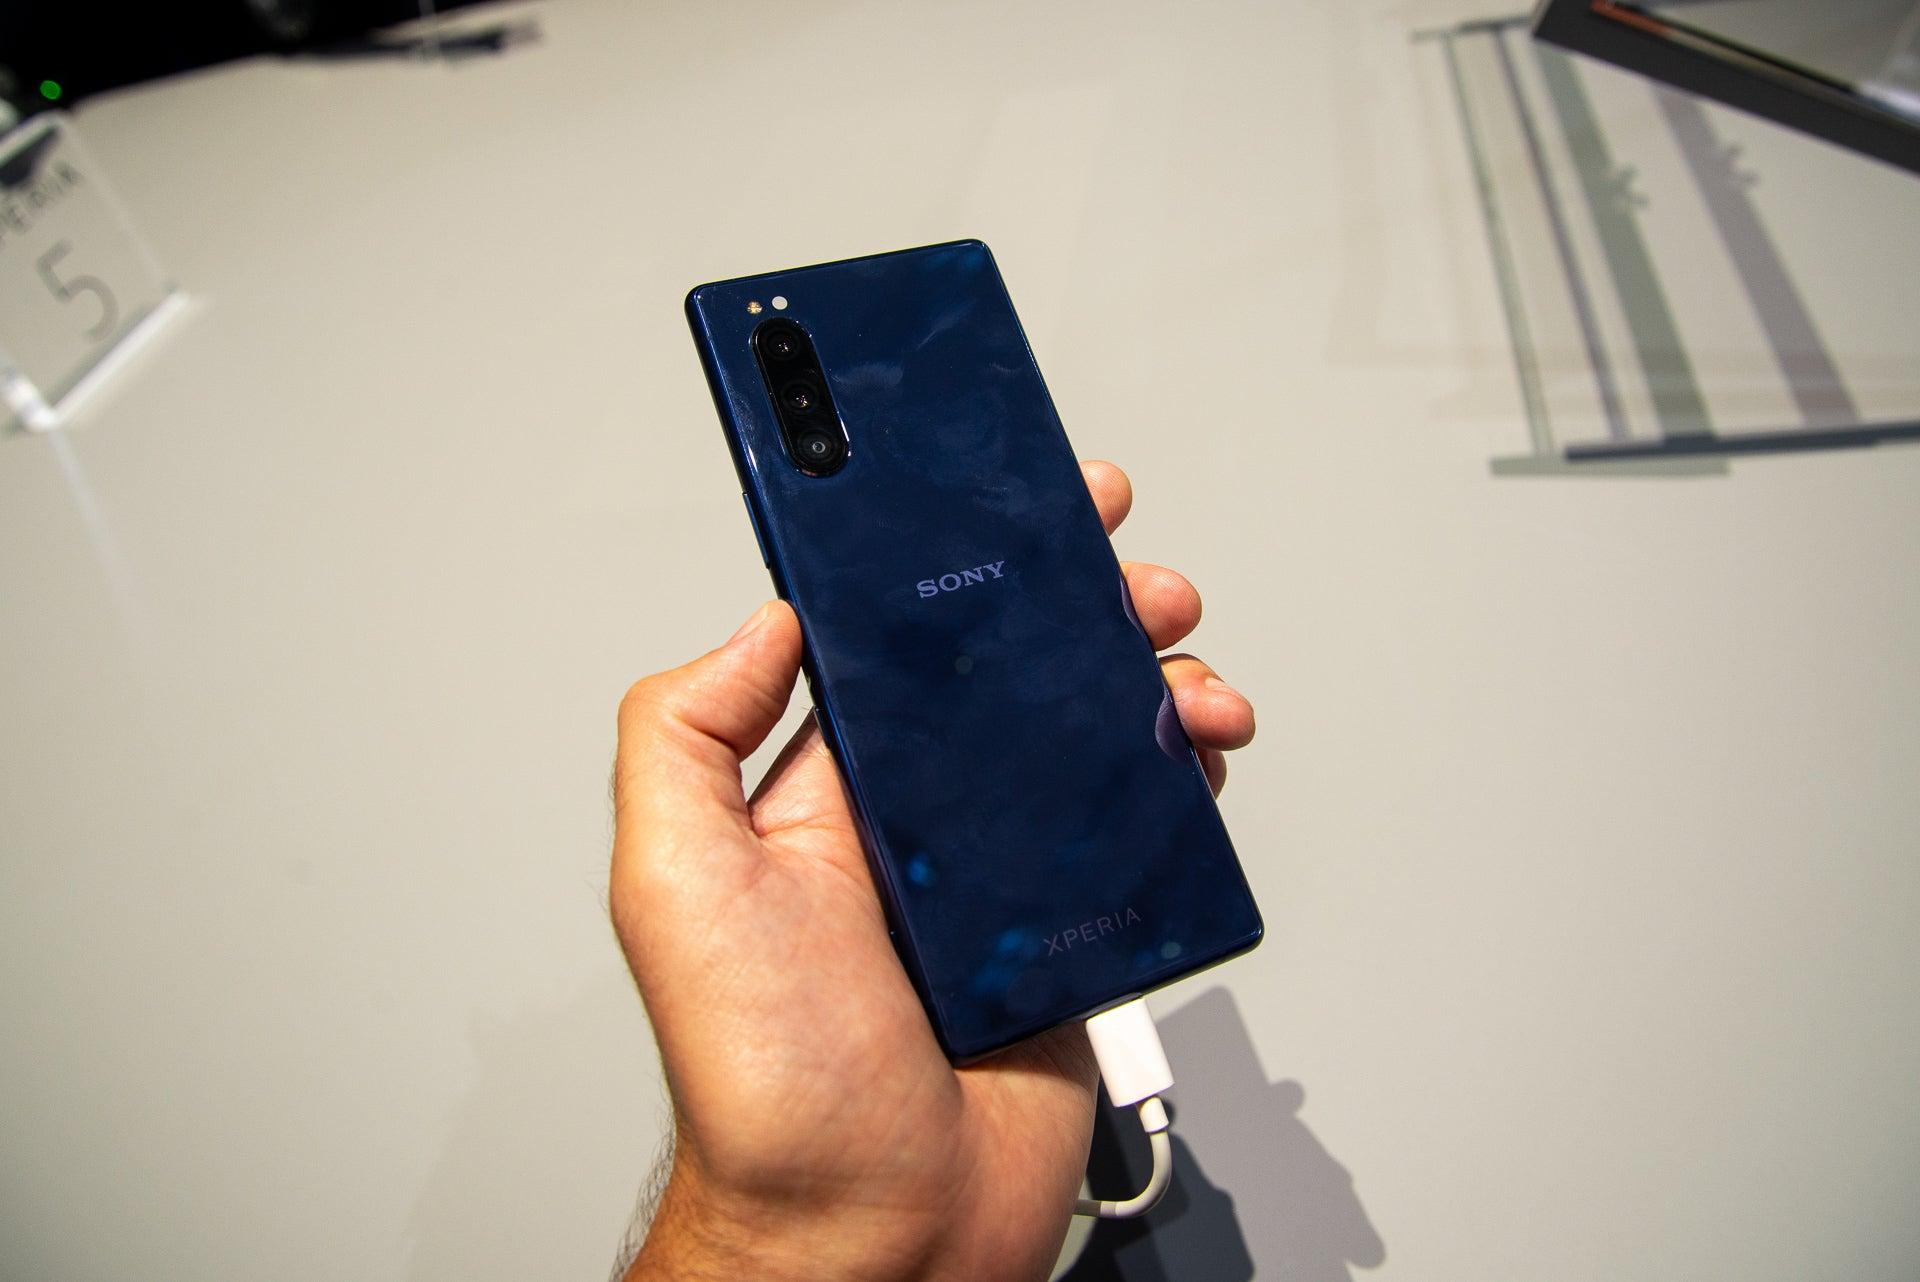 Sony Xperia 5 rear